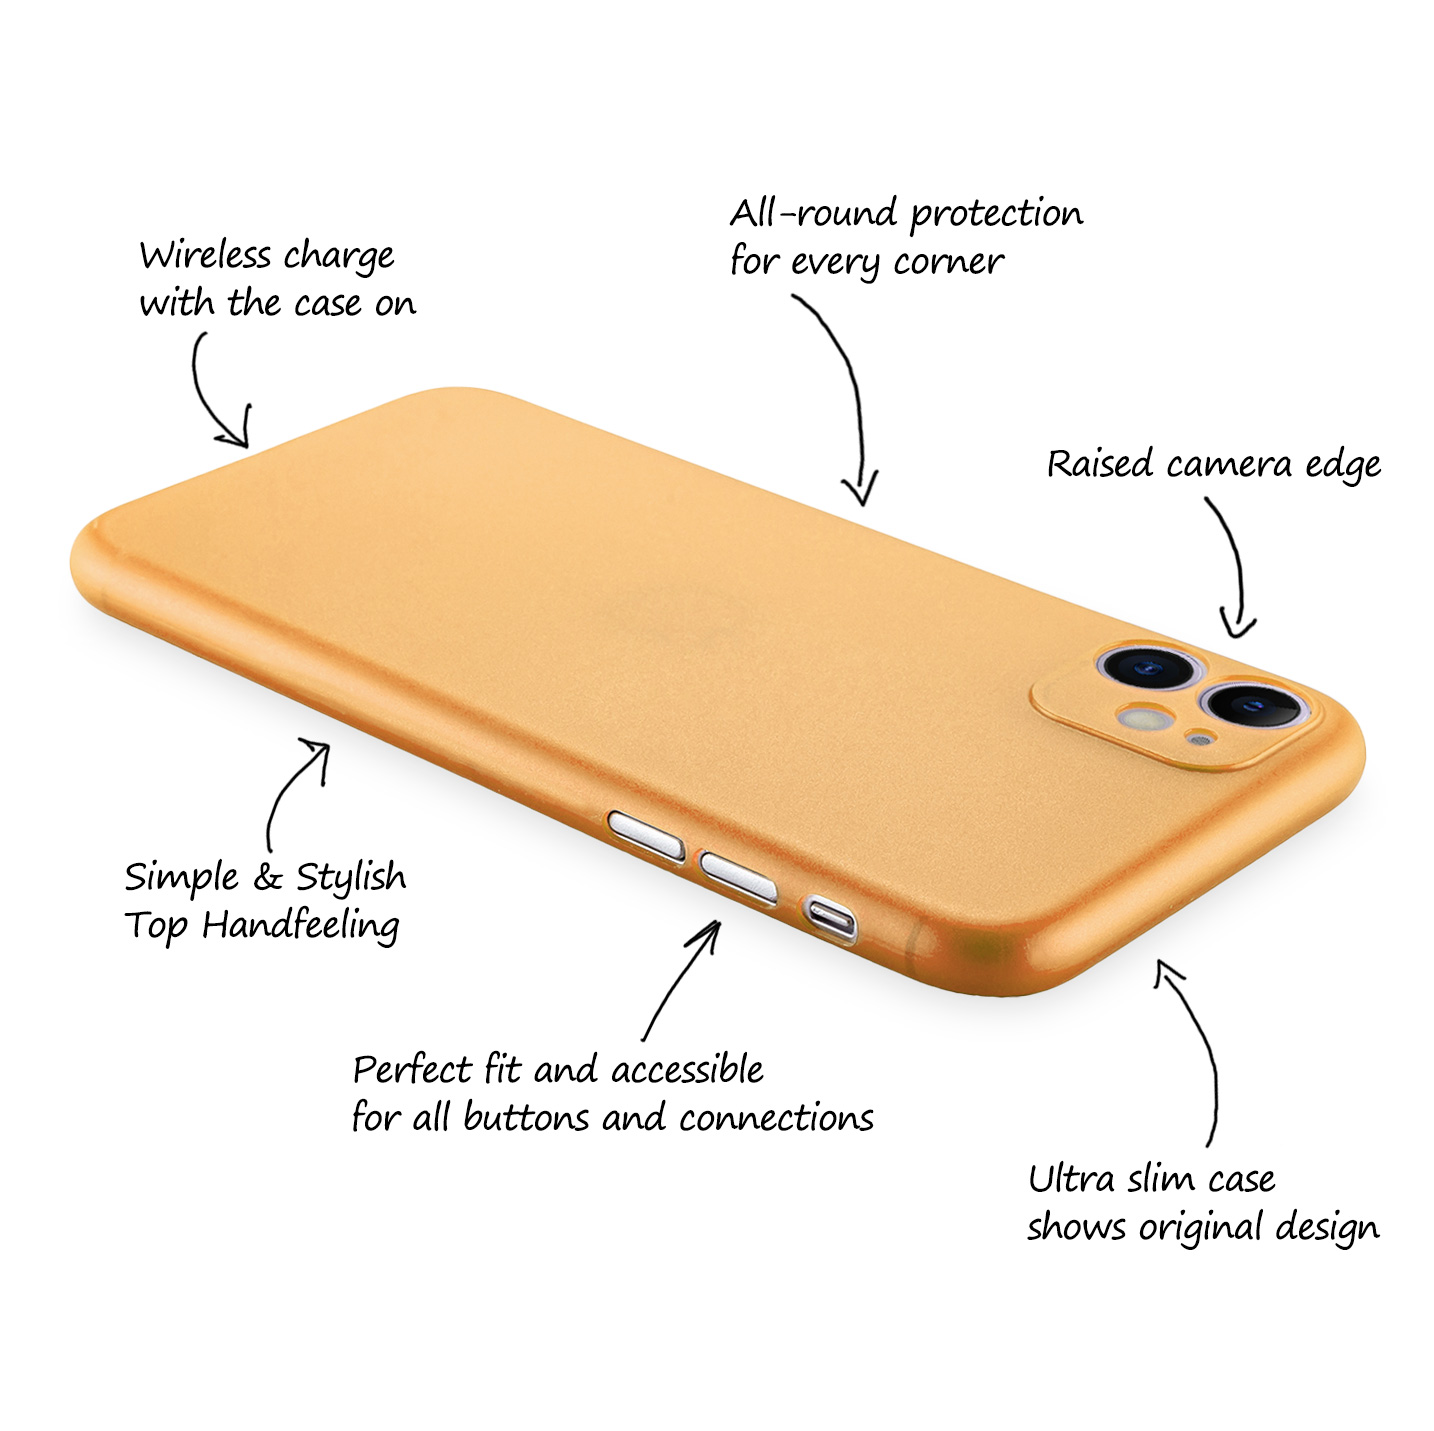 Ultra-Slim-Case-iPhone-11-6-1-034-Matt-Clear-Schutz-Huelle-Skin-Cover-Tasche-Folie Indexbild 42